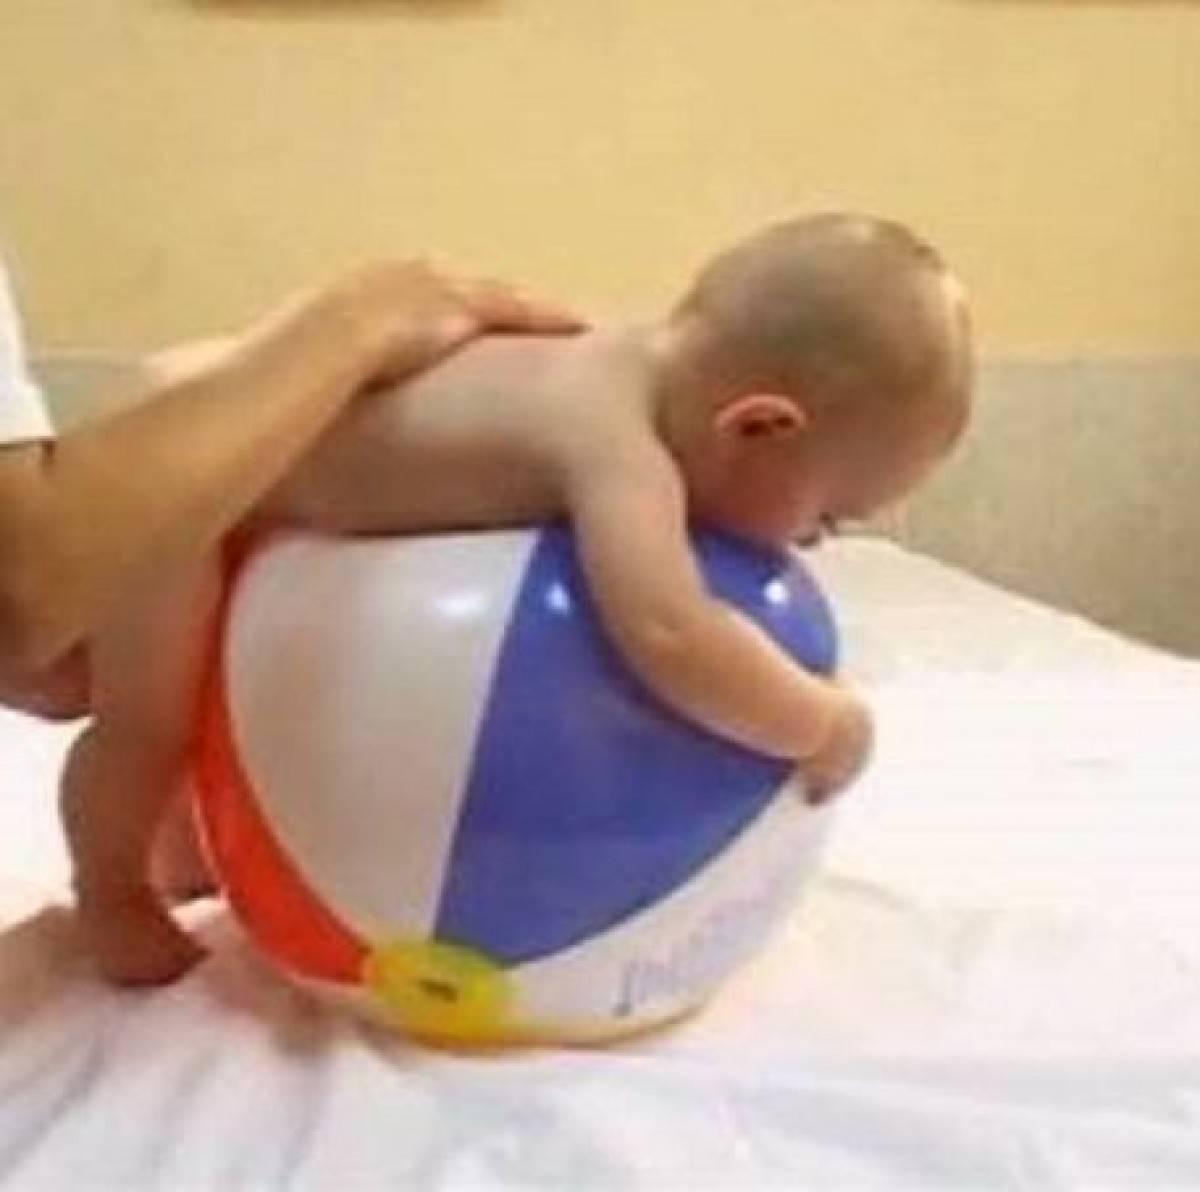 Массаж при кривошее у грудничков в первые месяцы жизни, видео, эффективность